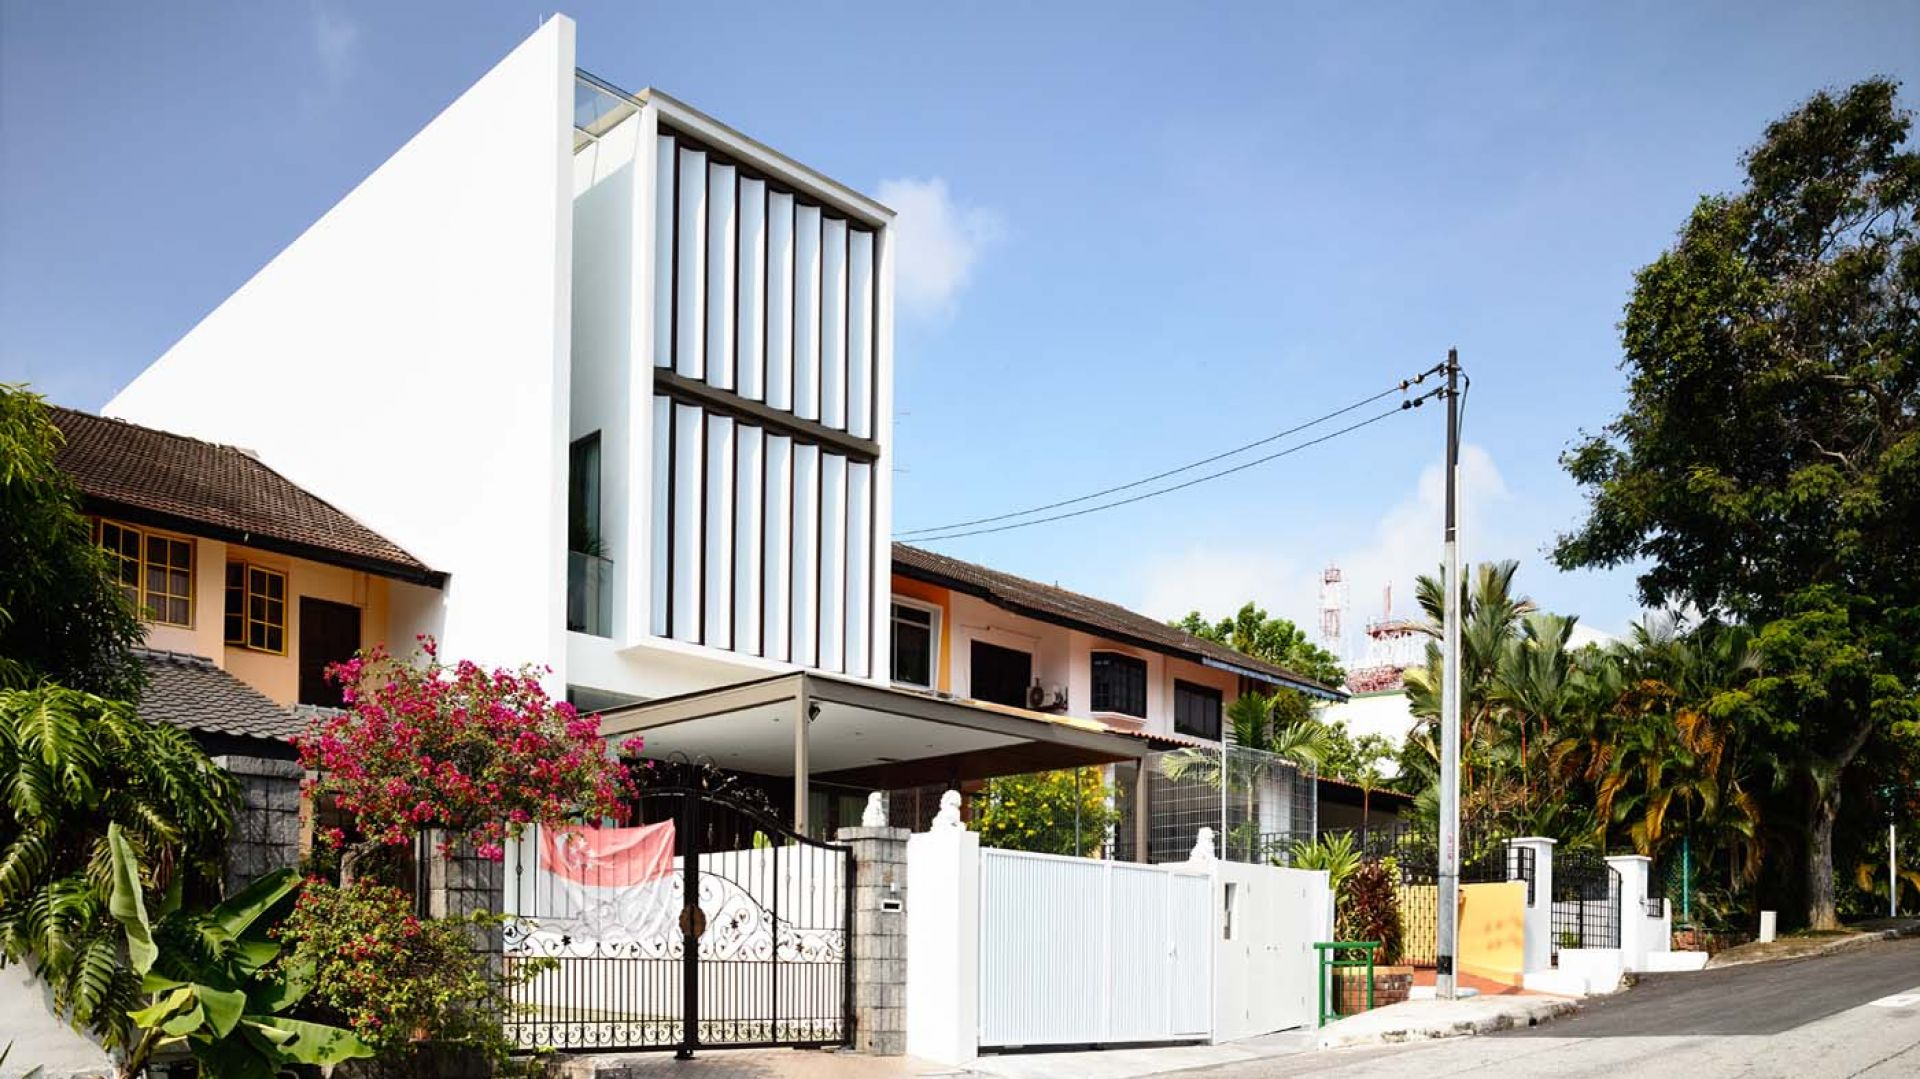 Wszystkie trzy kondygnacje bardzo wąskiego domu otwierają się na ulicę. Aby zapewnić mieszkańcom poczucie intymności architekci zaprojektowali ciągnące się przez całą wysokość fasady długie, zewnętrzne żaluzje.